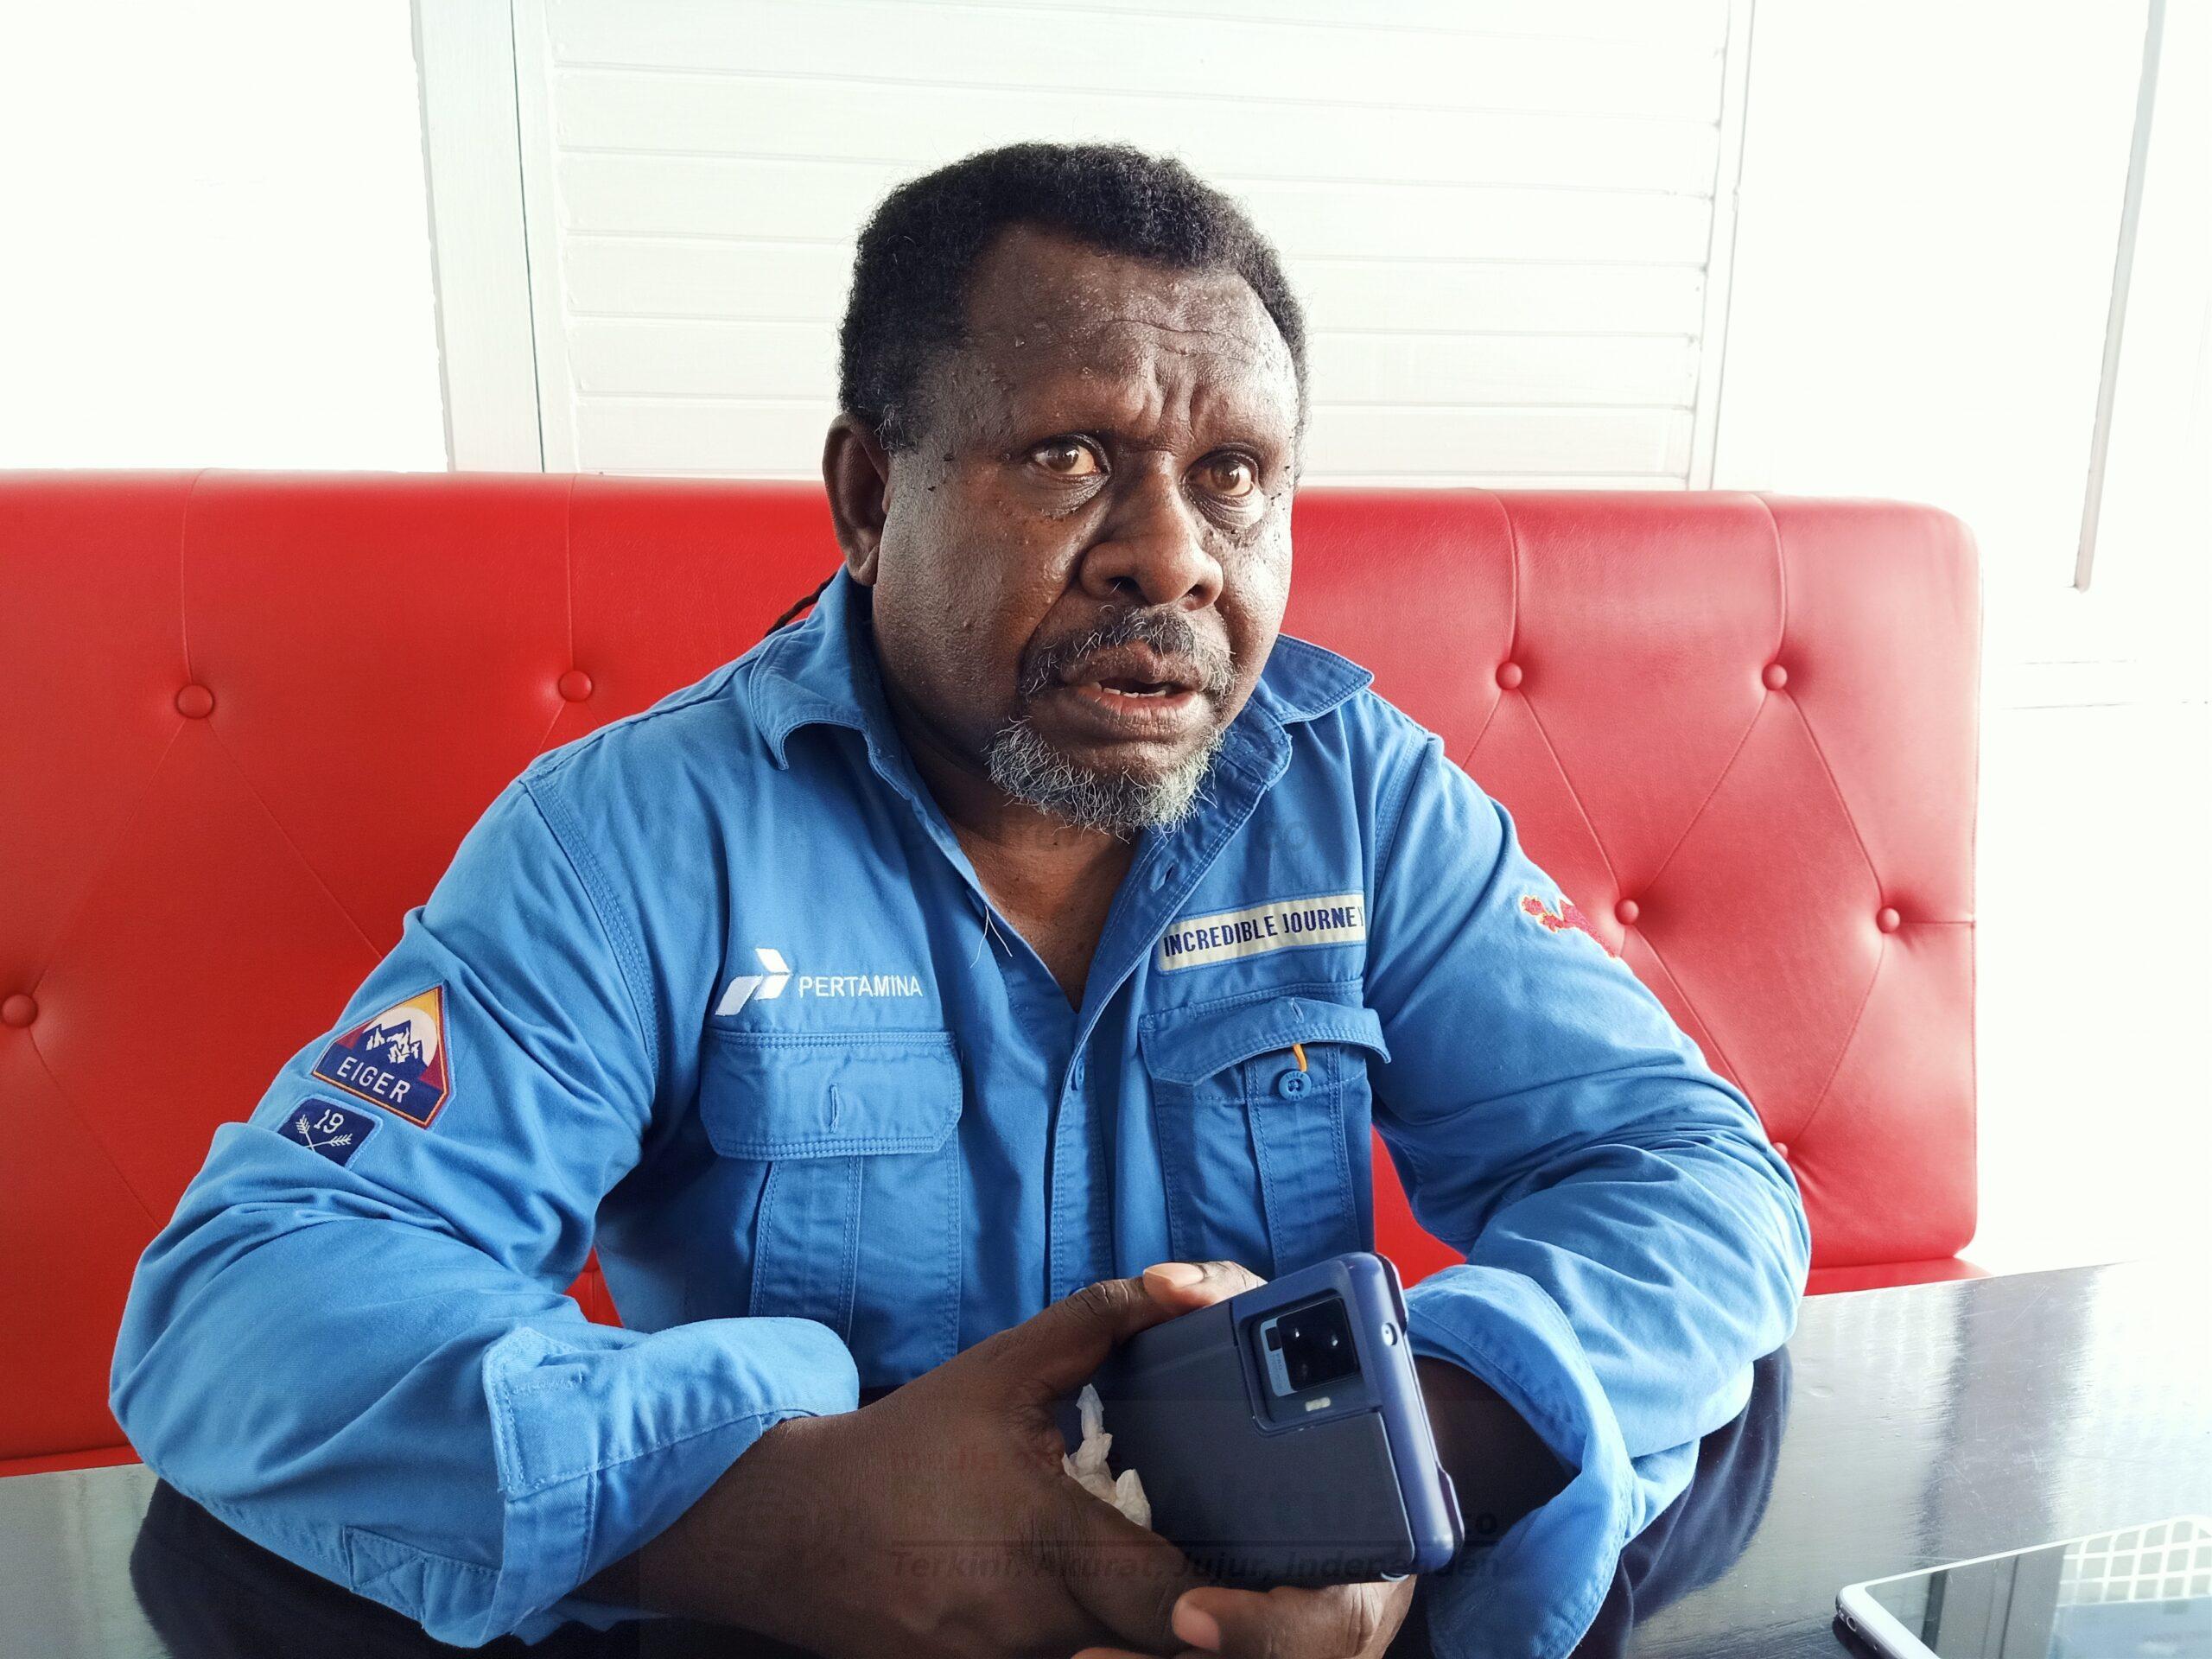 Pertamina Maluku Dan Papua, Minta Polisi Juga Pemerintah Ungkap Modus Kelangkaan Minyak Tanah 5 IMG20201123140456 scaled